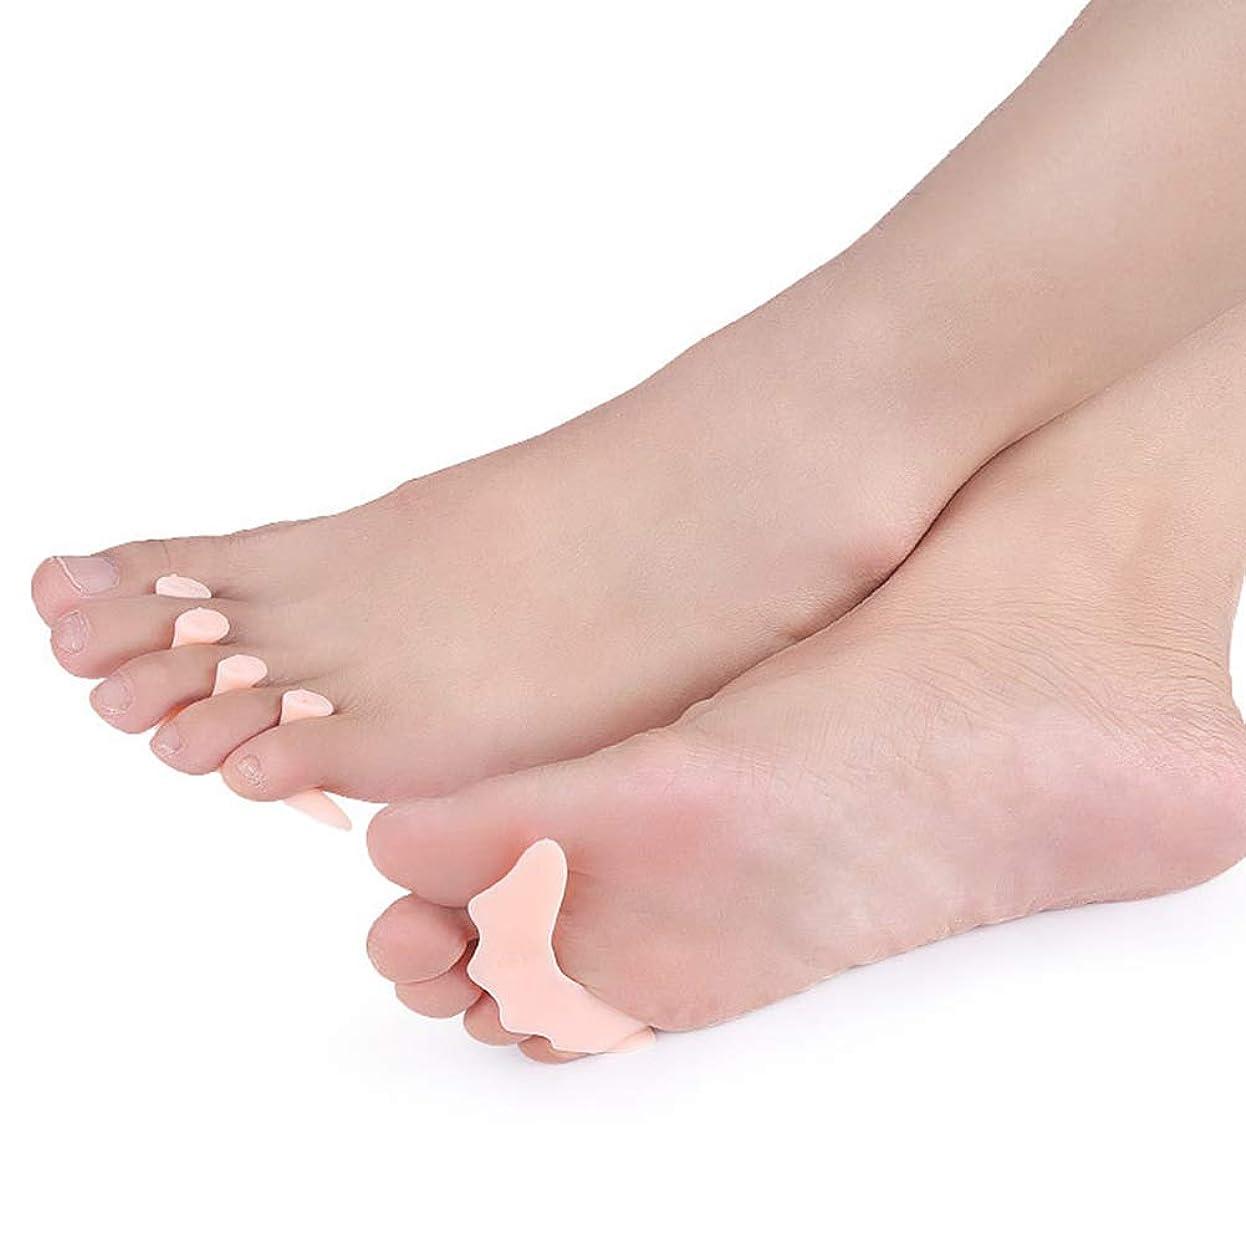 スペシャリスト水っぽい情緒的Healifty 足指 パッド サポーター 外反母趾矯正 親指サポーター 外反母趾対策 外反母趾重複治療 男女兼用 10個